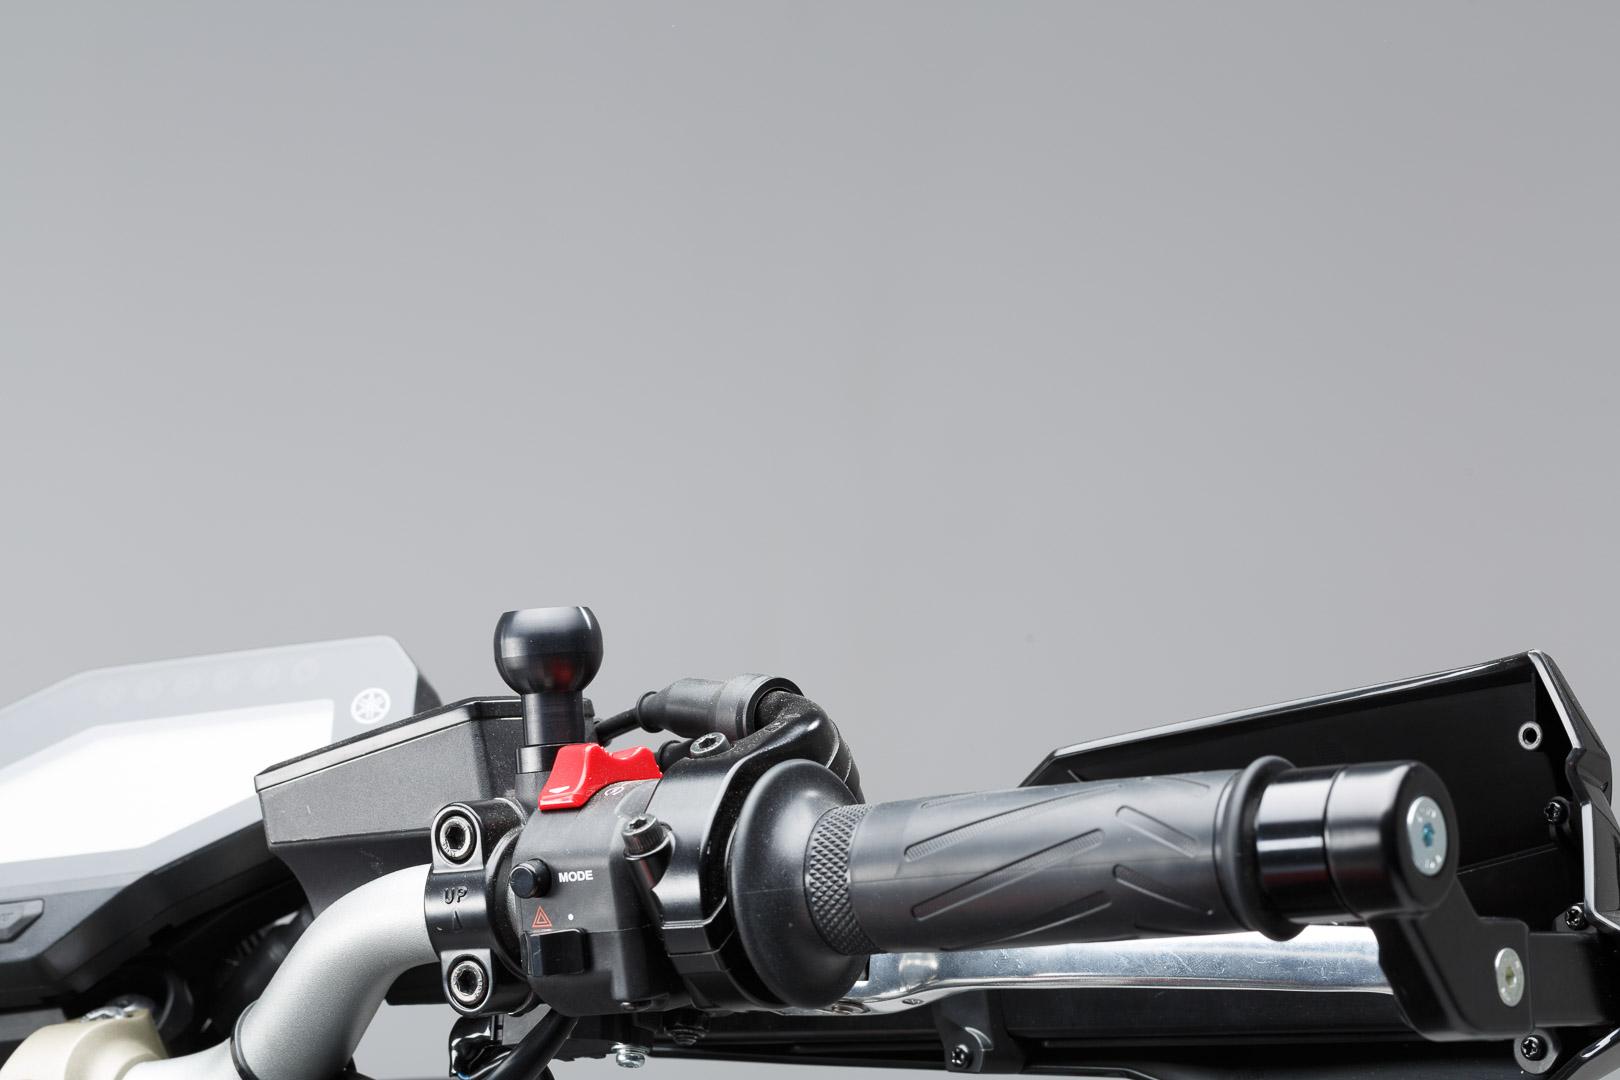 SW-Motech RAM-Mount kuula M10-kierre koko B